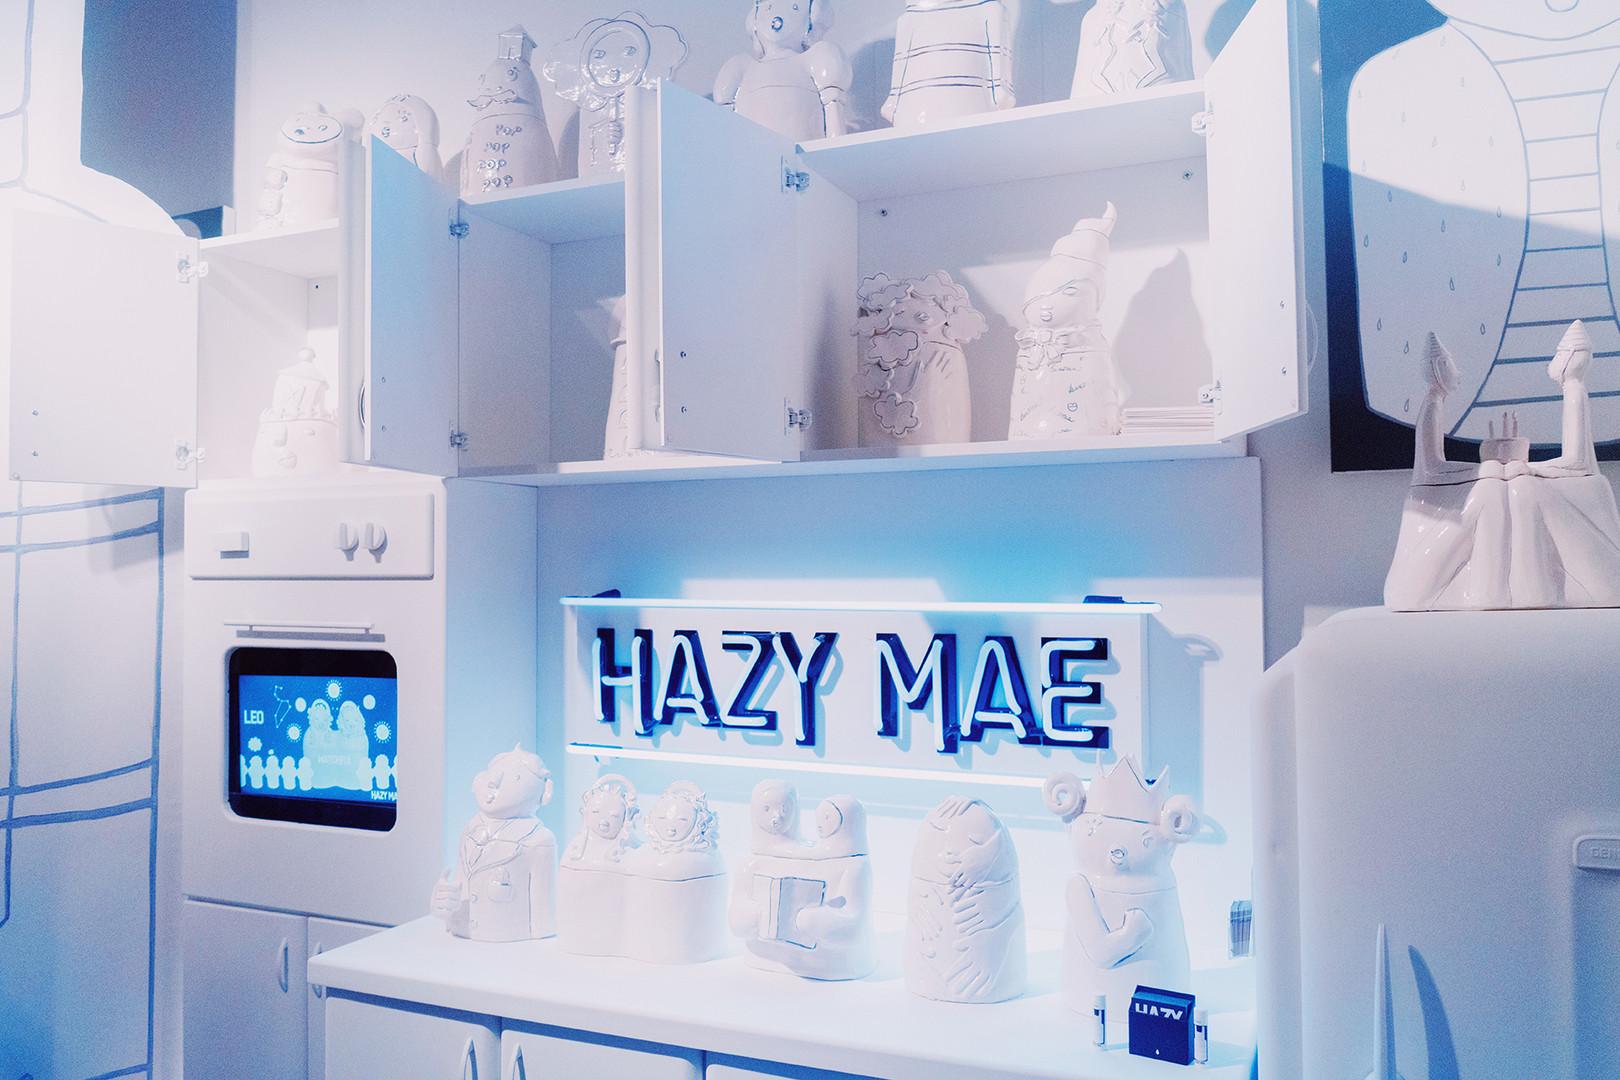 Artsy_Hazy_Mae